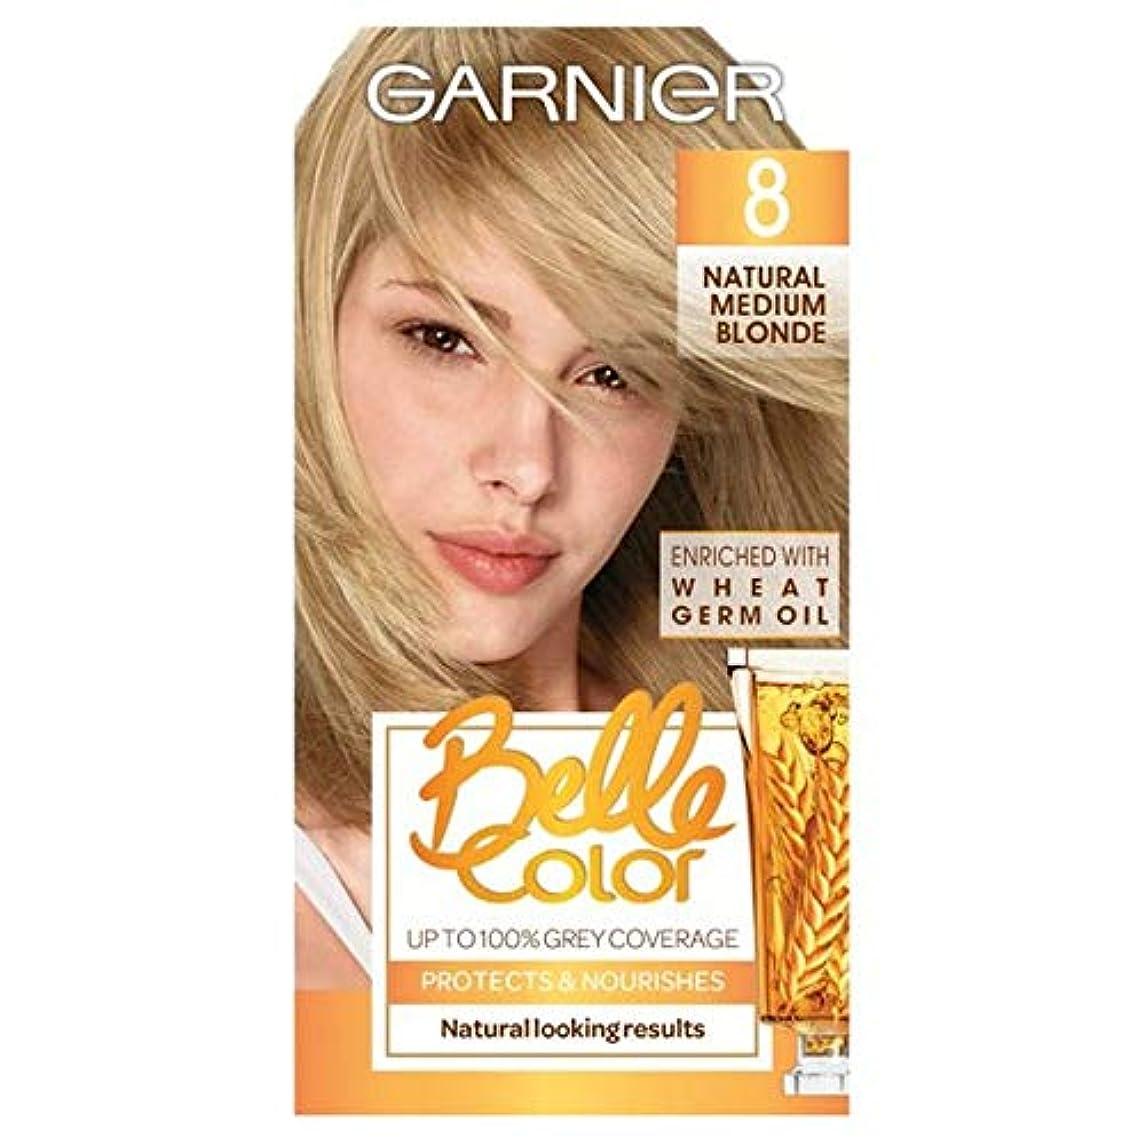 事どうやらインフルエンザ[Belle Color ] ガーン/ベル/Clr 8天然培地ブロンドパーマネントヘアダイ - Garn/Bel/Clr 8 Natural Medium Blonde Permanent Hair Dye [並行輸入品]